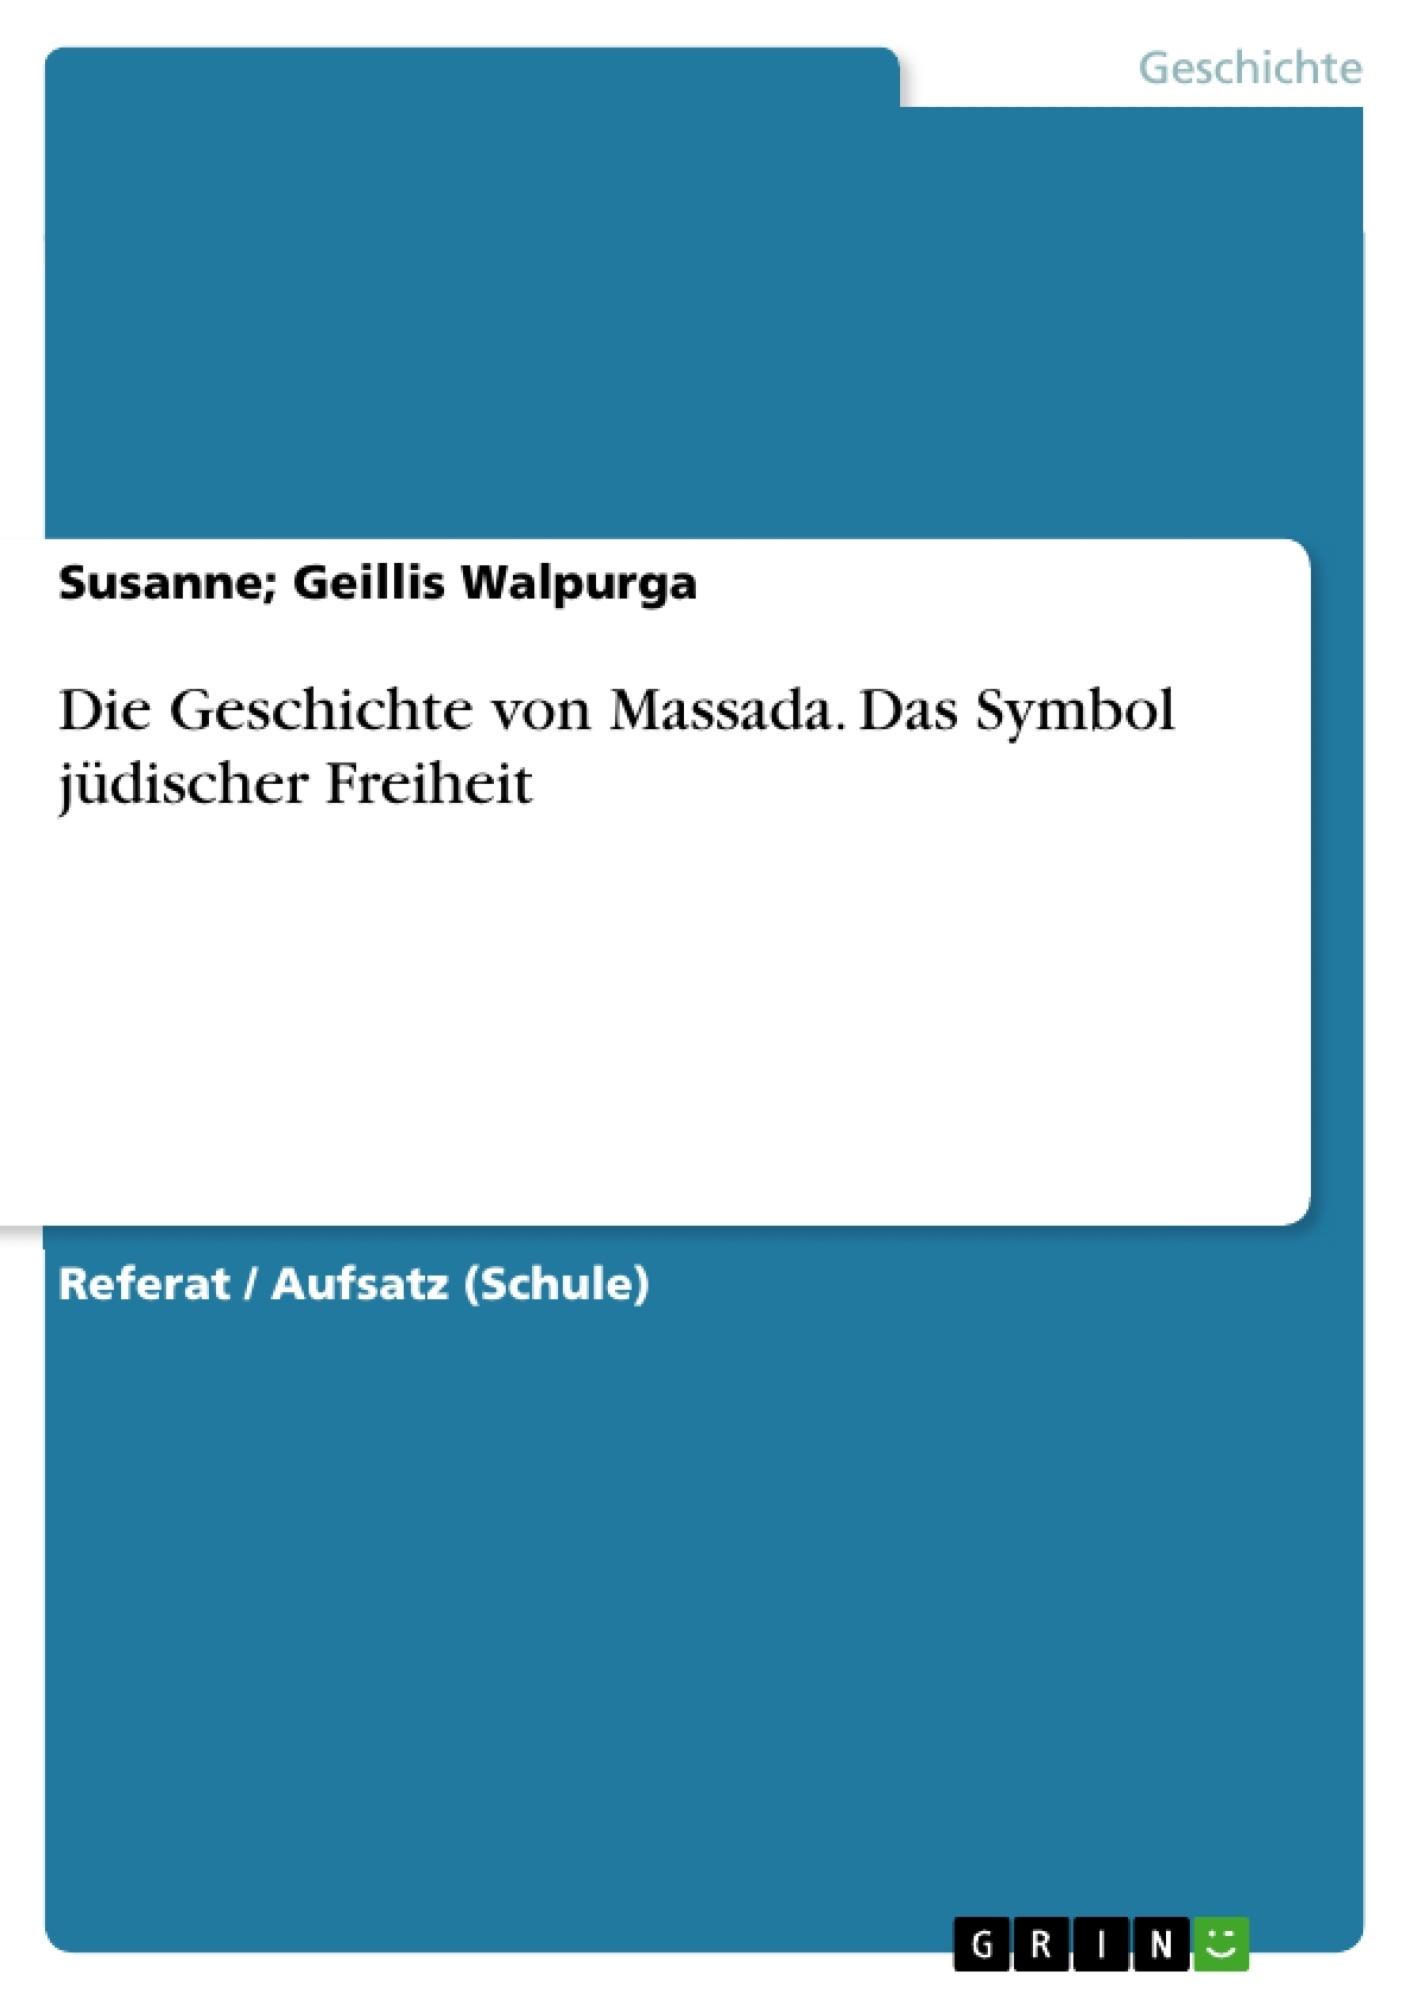 Titel: Die Geschichte von Massada. Das Symbol jüdischer Freiheit